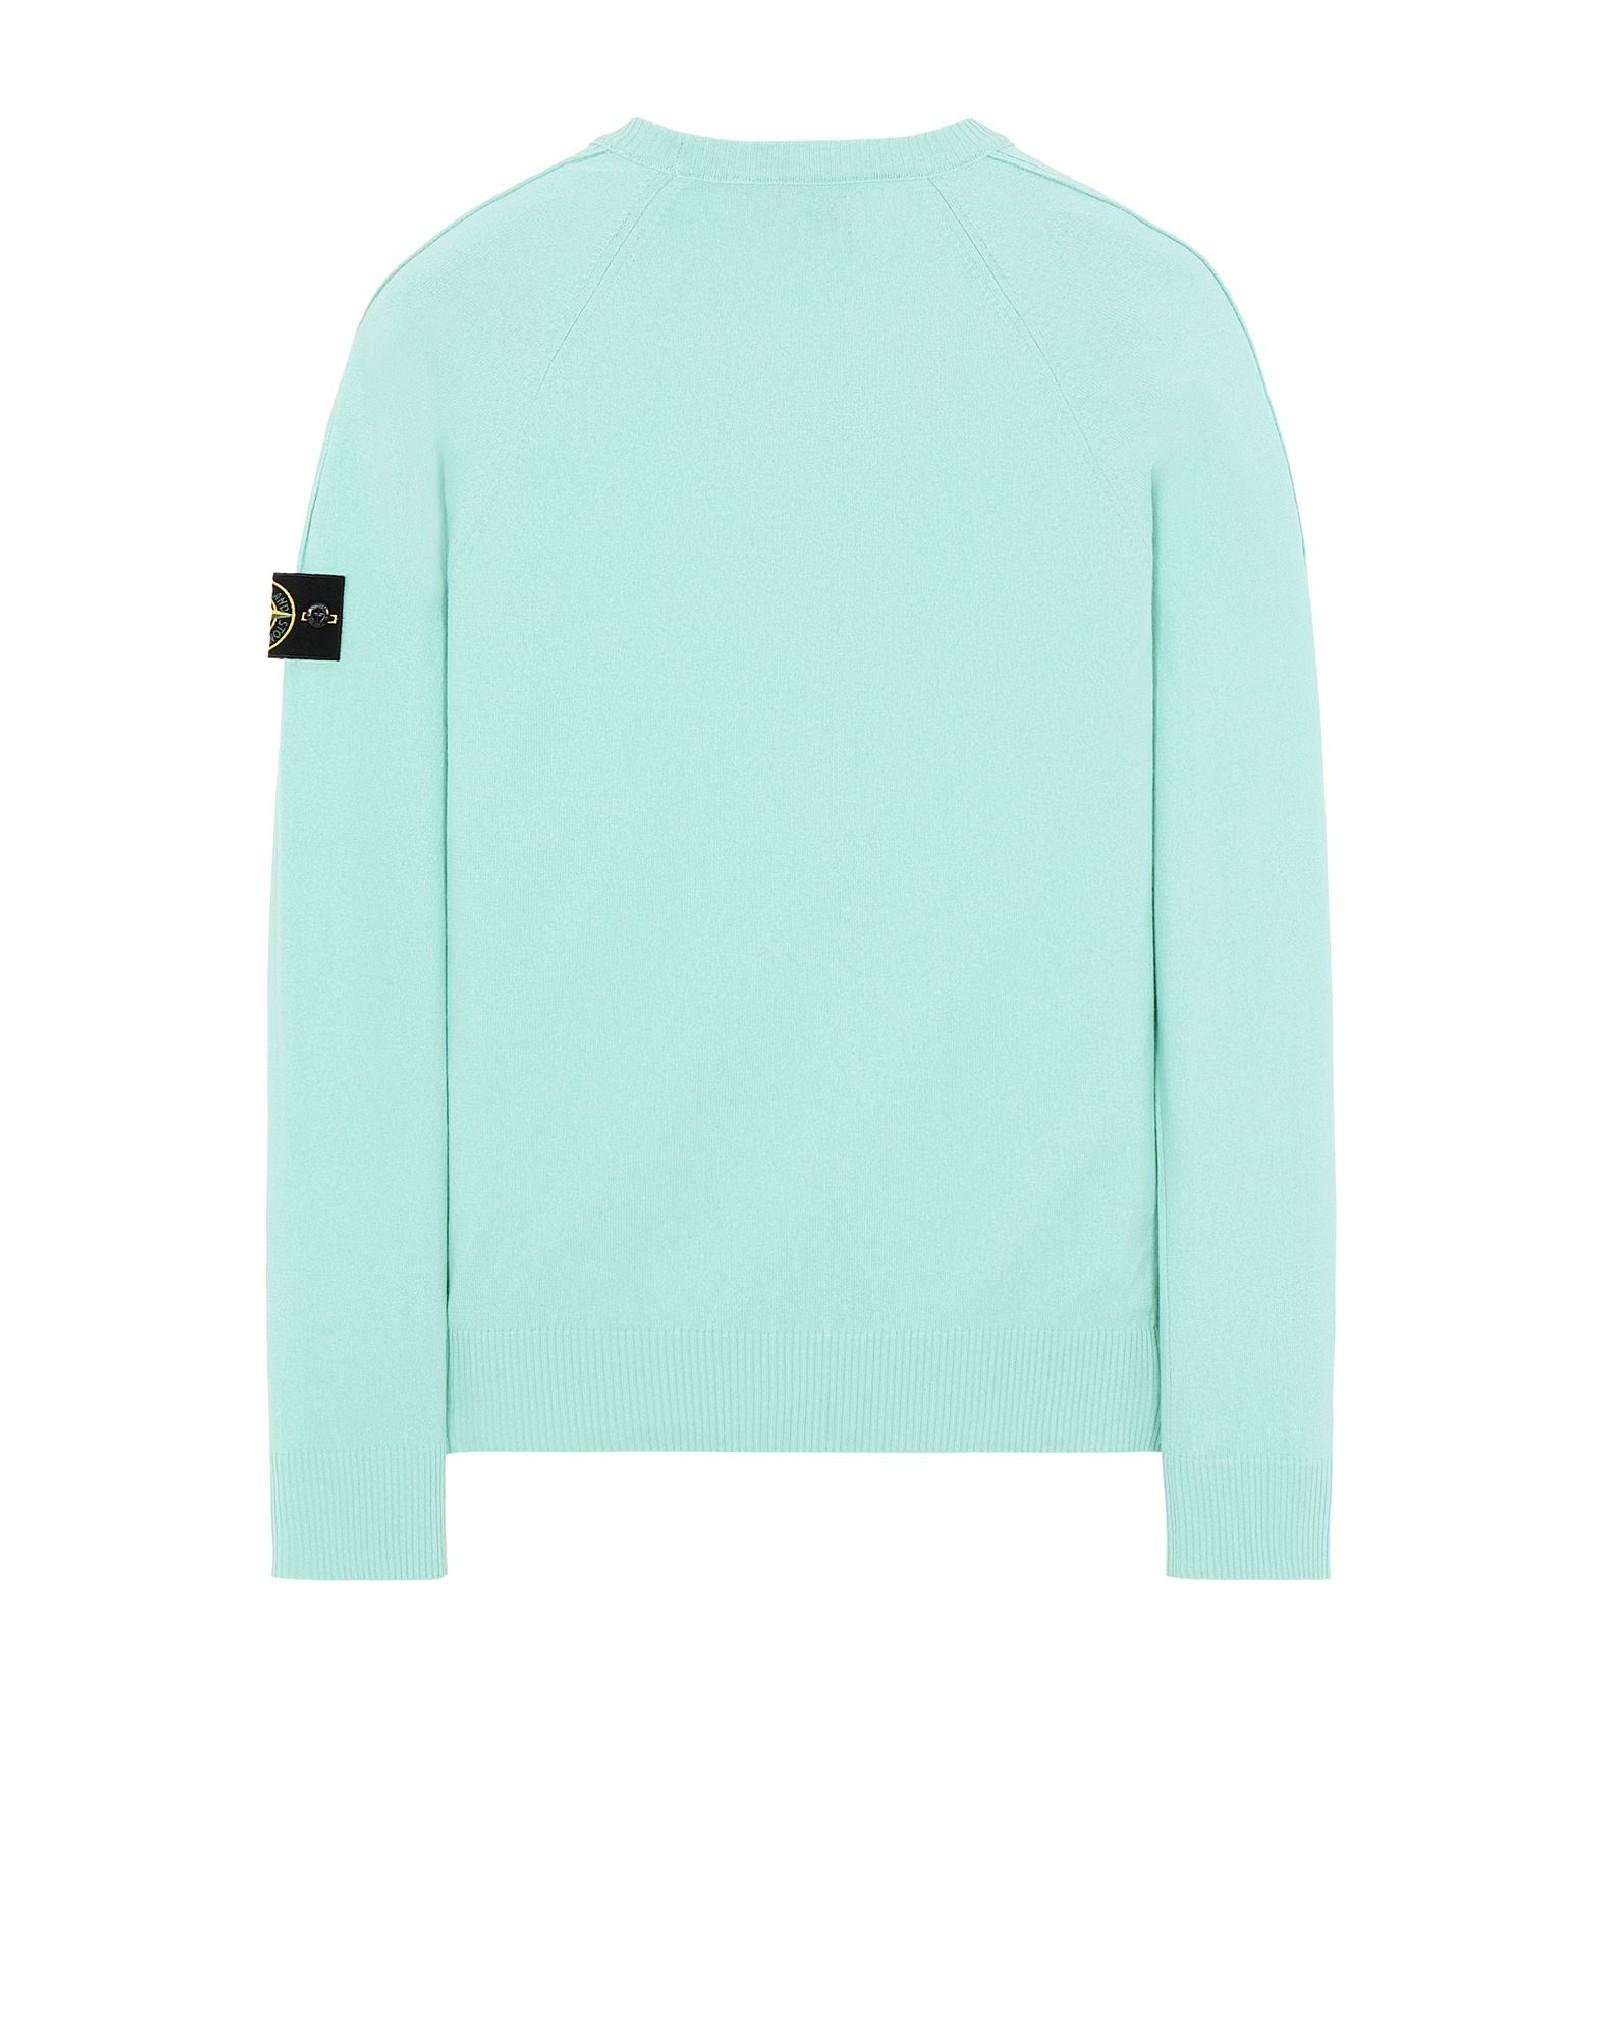 STONE ISLAND   T-shirt   MO7415511B9V0044